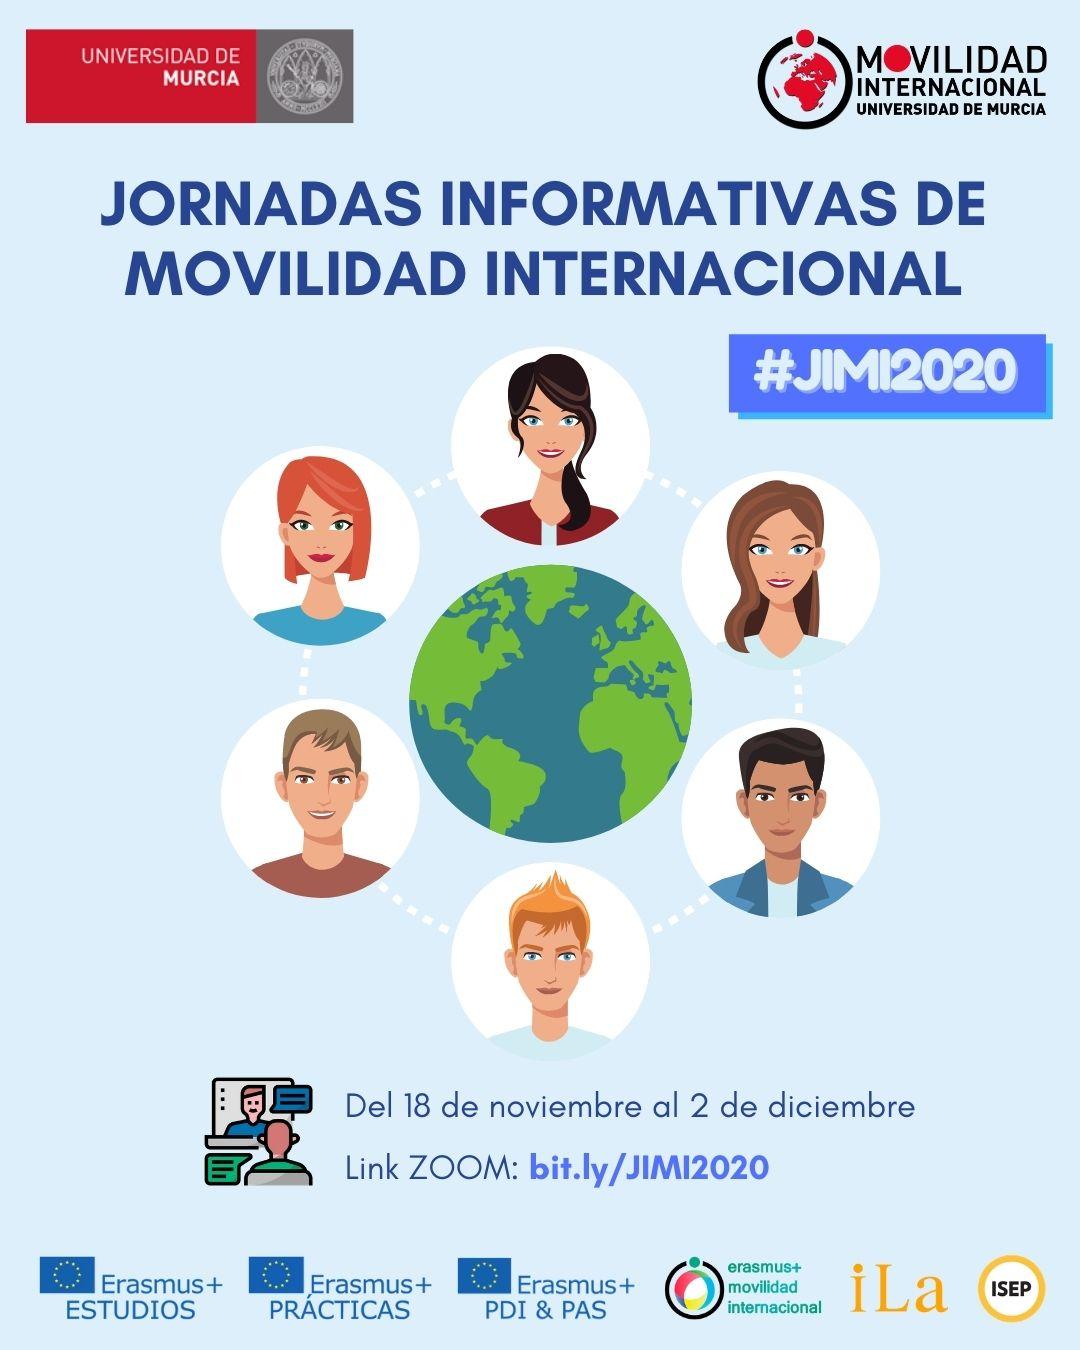 Jornadas Informativas de Movilidad Internacional #JIMI2020